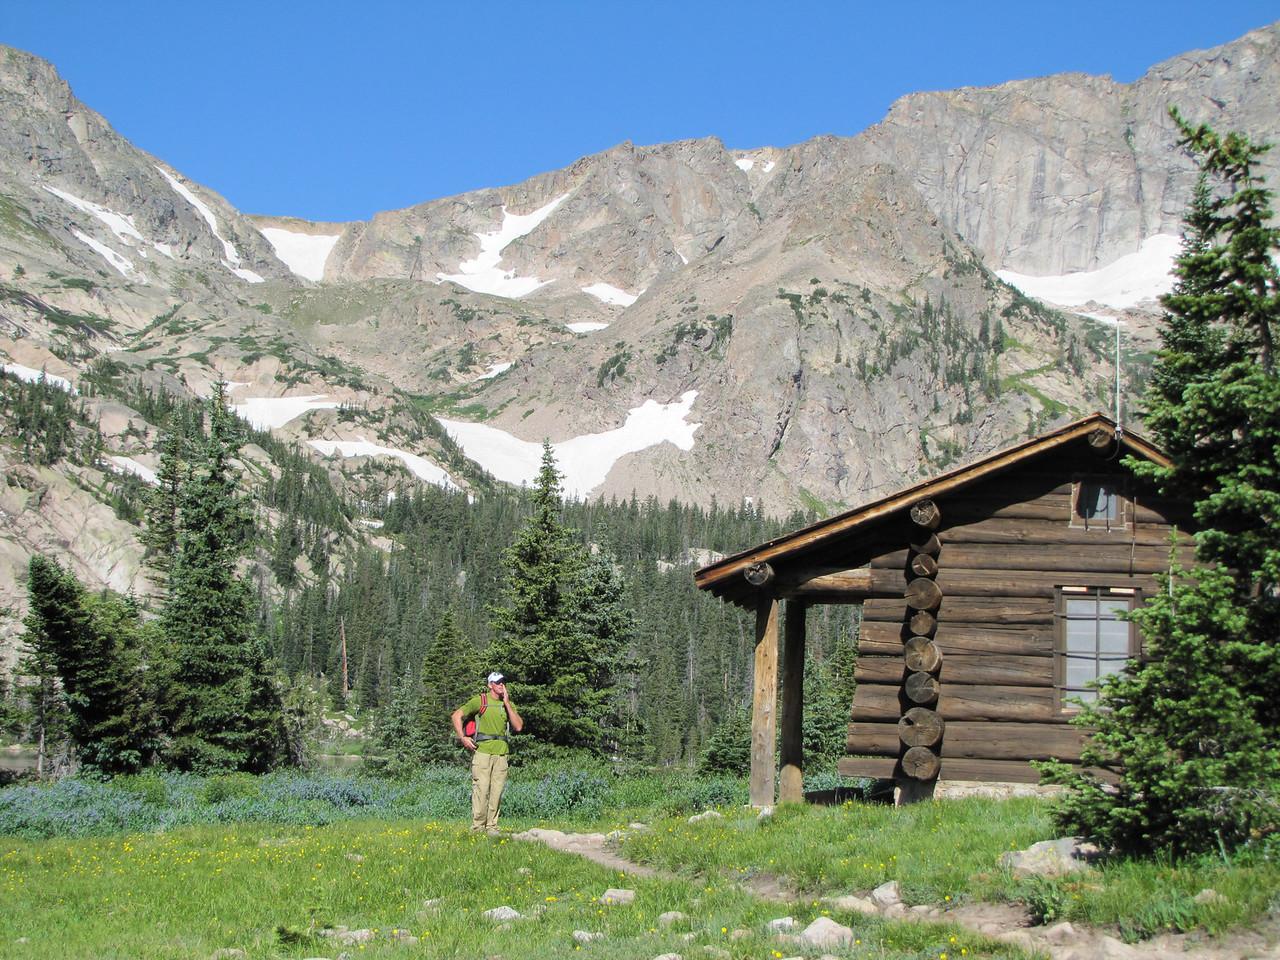 Kurt by the Ranger Cabin at Thunder Lake